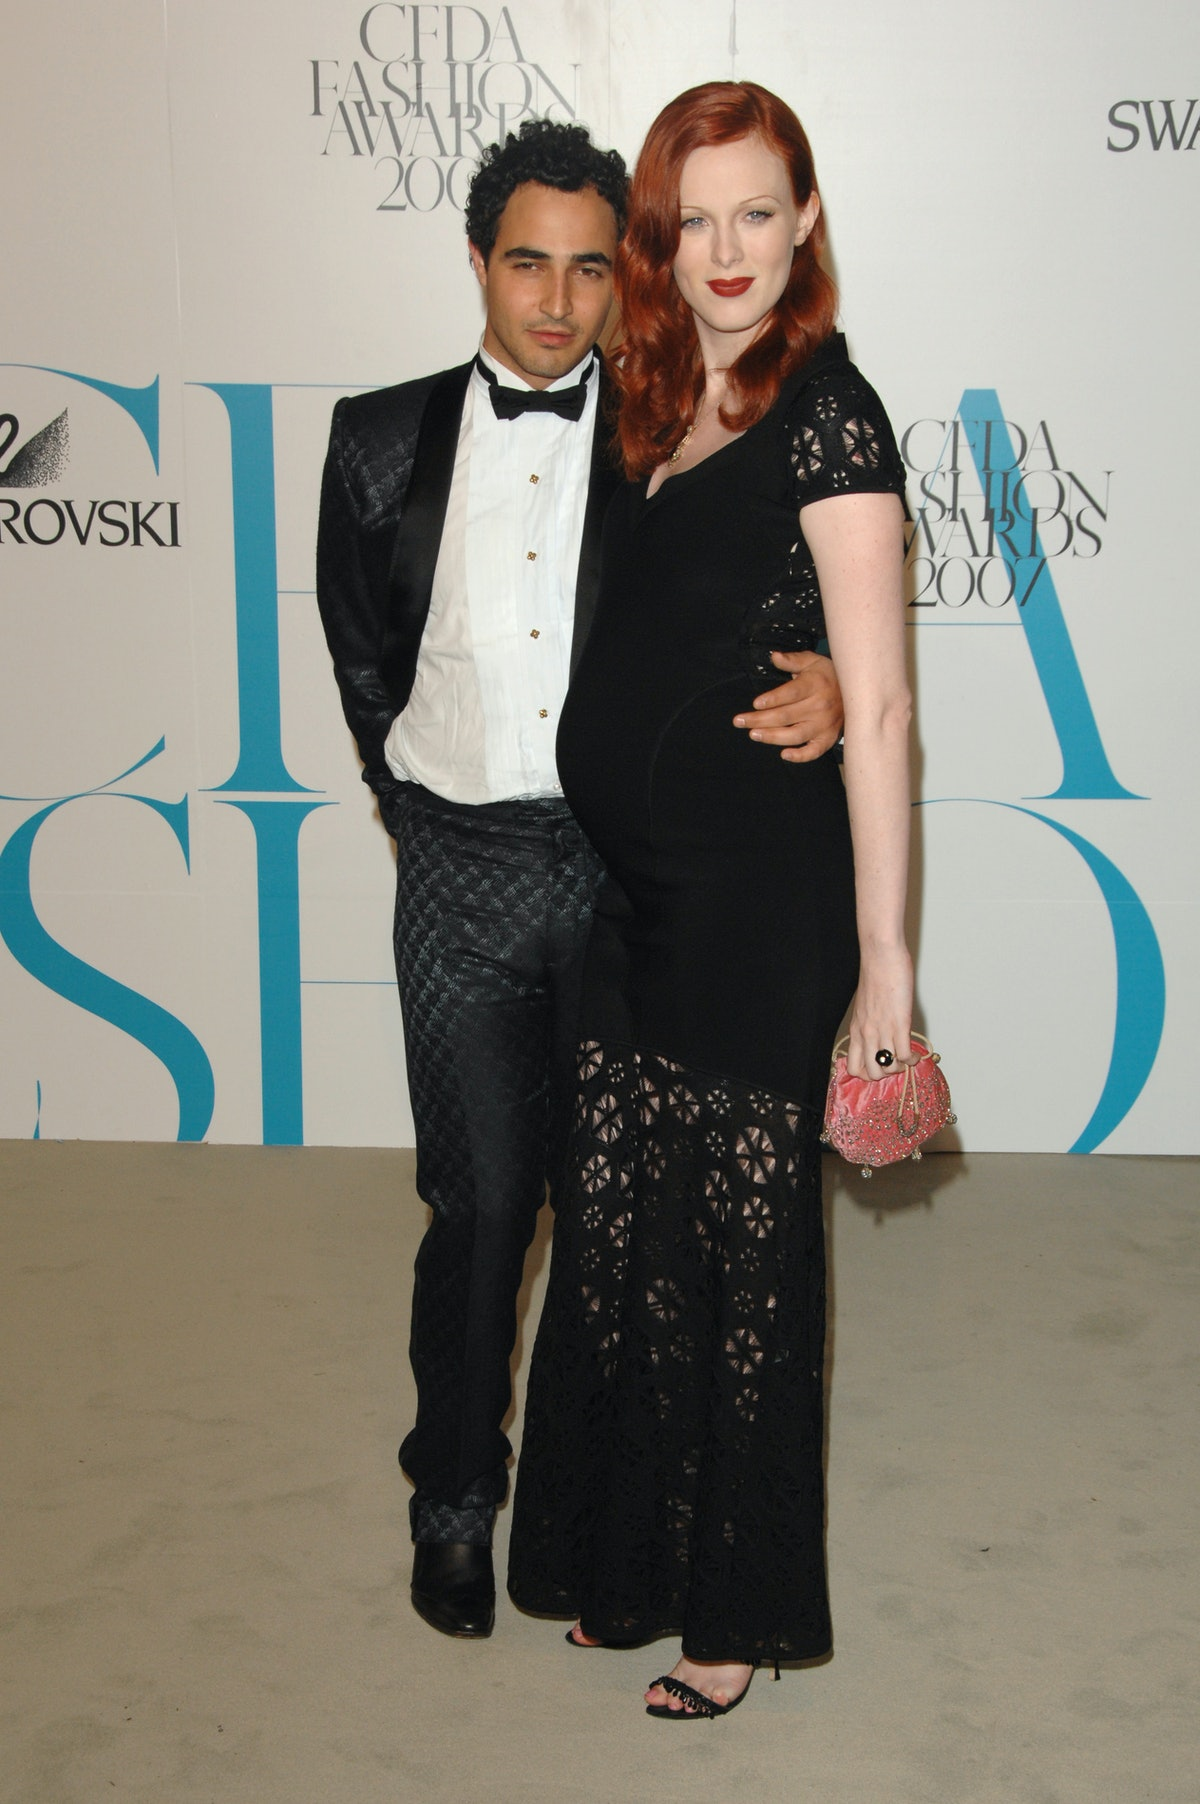 2007 CFDA Fashion Awards - Red Carpet